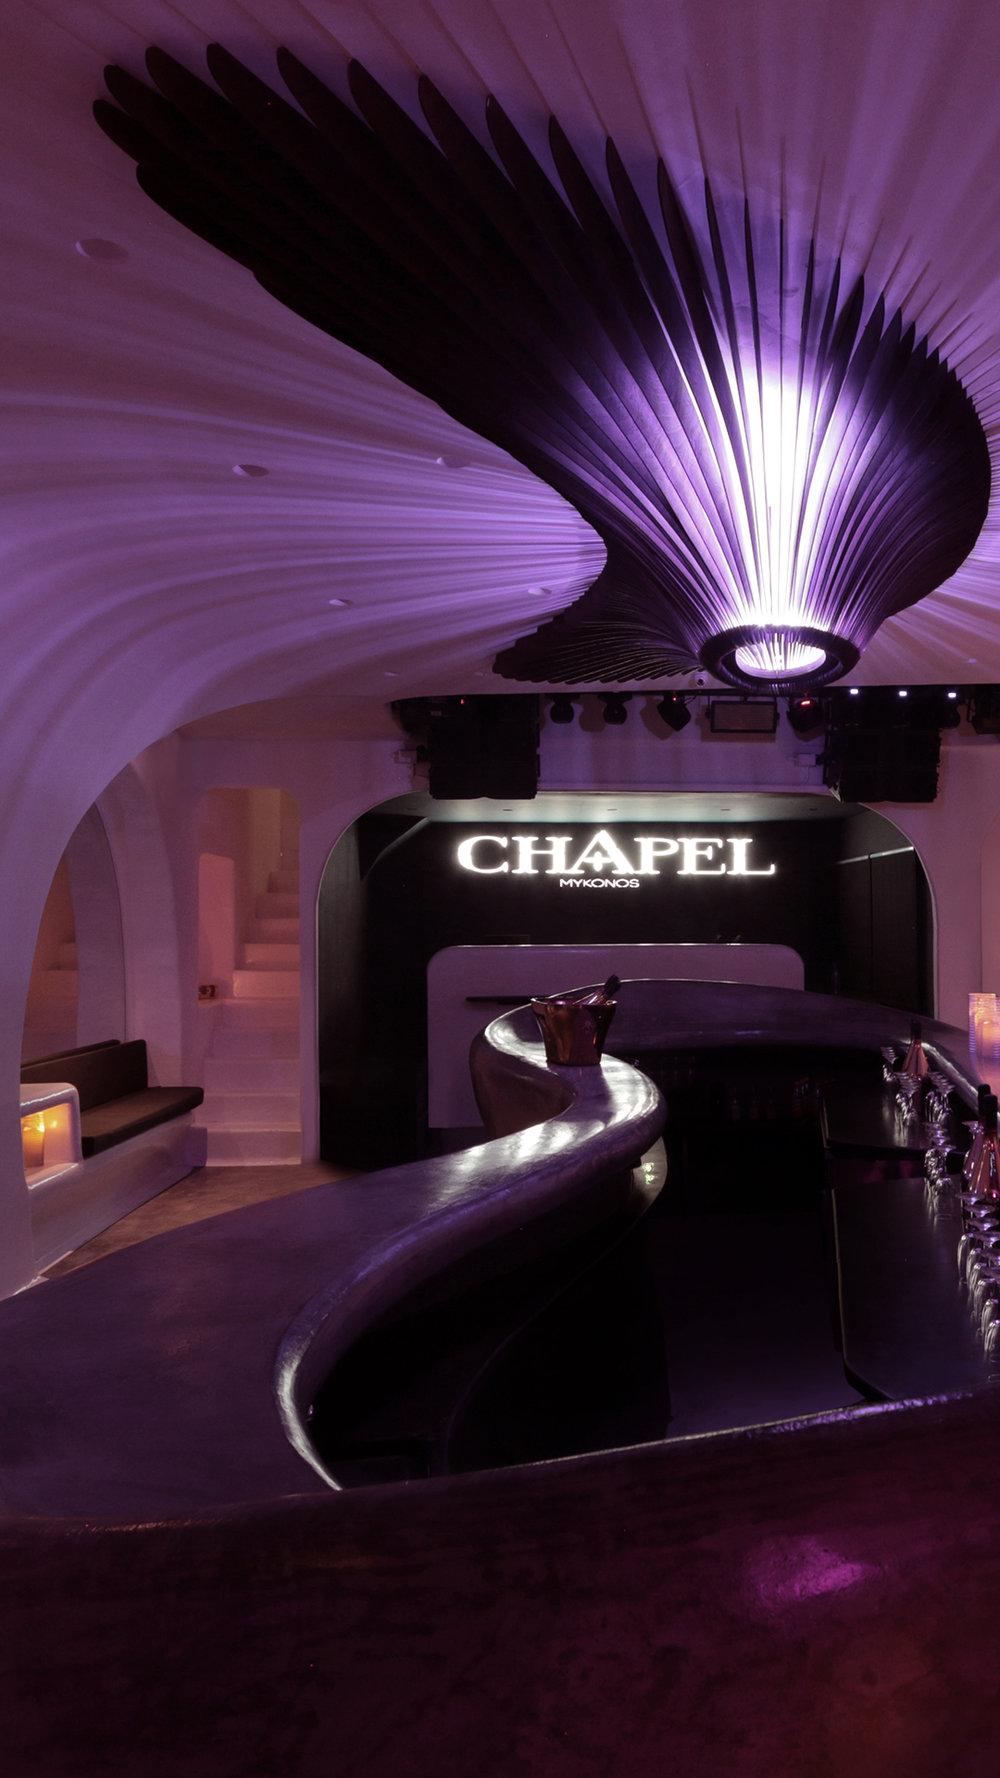 chapel (7).jpg